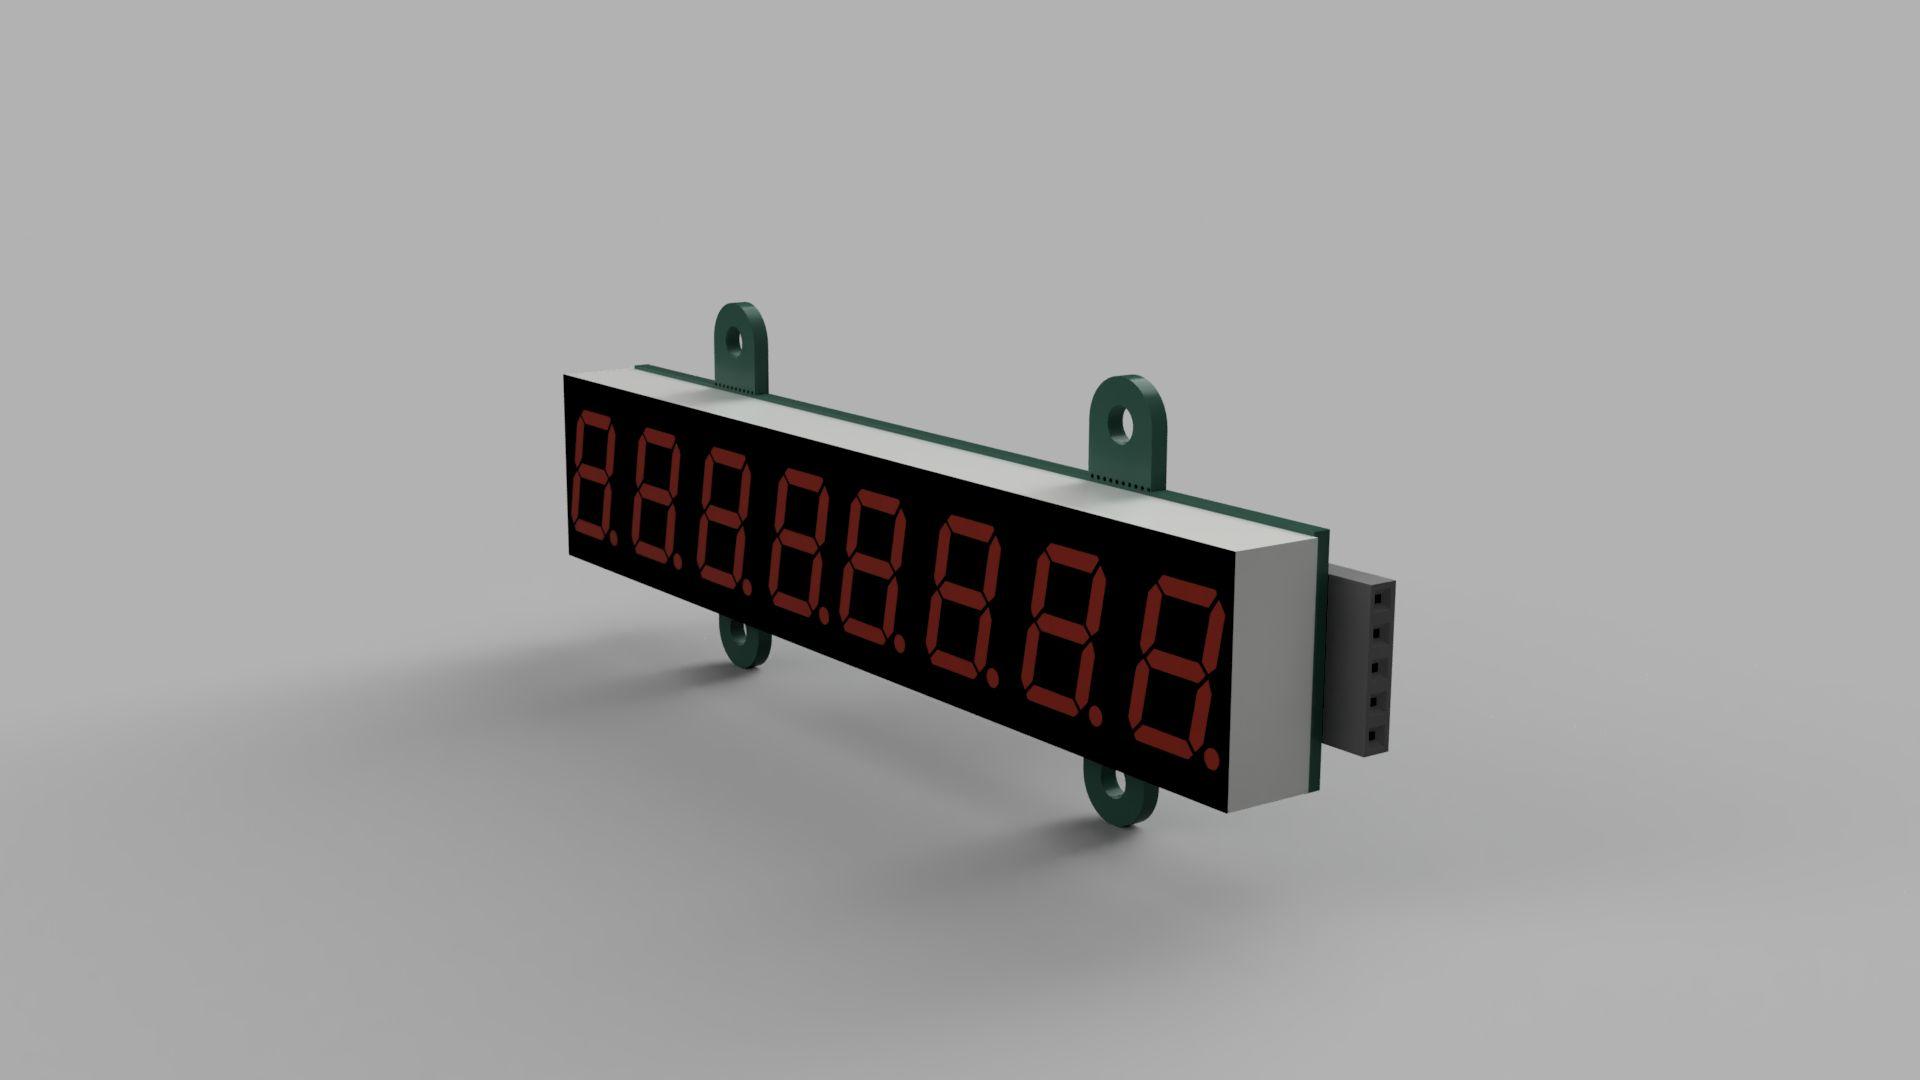 Raasrendering-1b9853fa-709c-4e3d-a508-c2086dbccf34-3500-3500